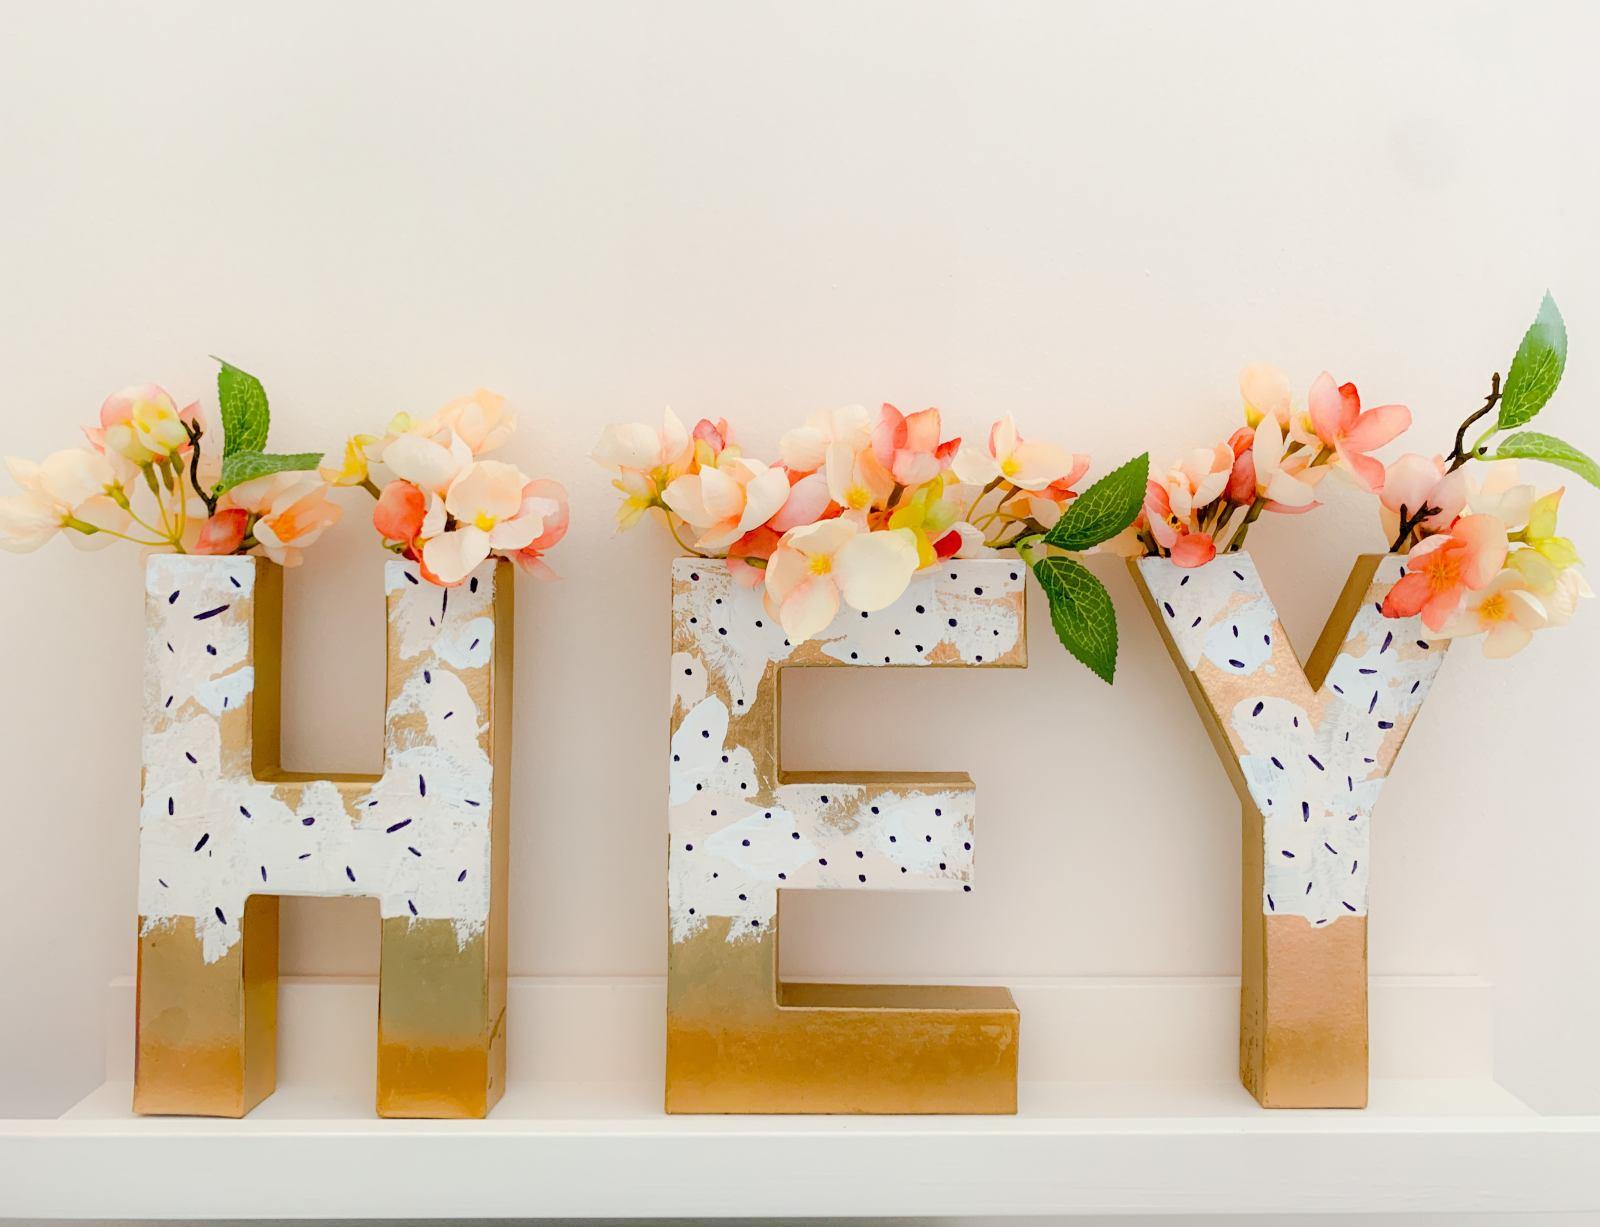 DIY Hey vase letters